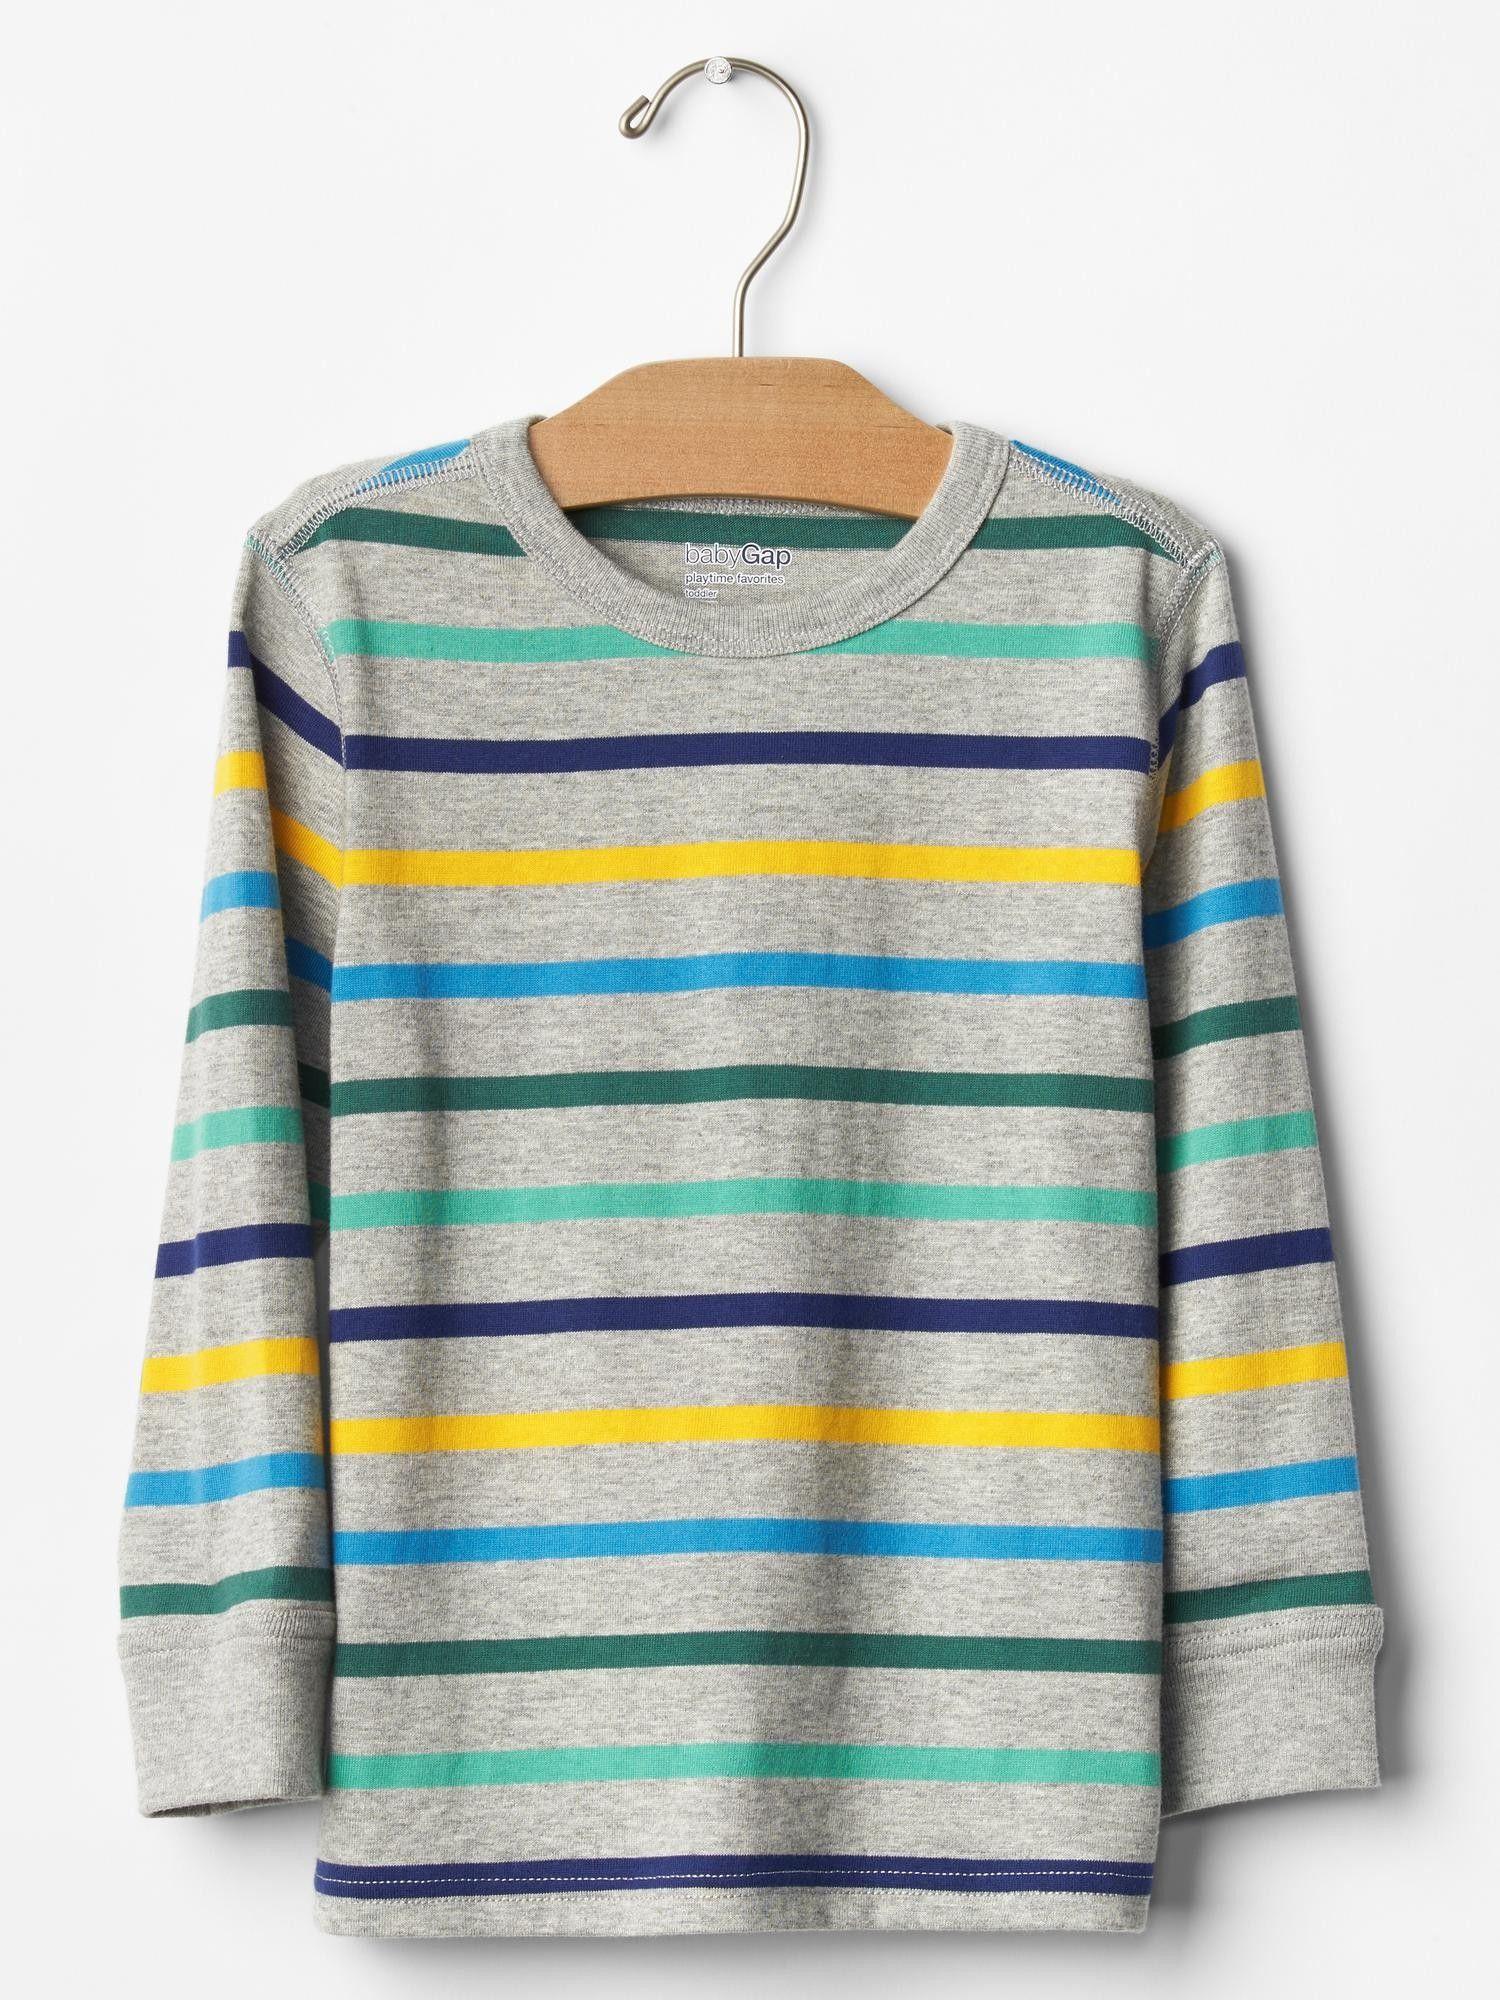 Çizgili t-shirt #stripped #çizgilitişört #bebektişört #bebekhediyesi #bebeğehediye #erkekbebek #gap